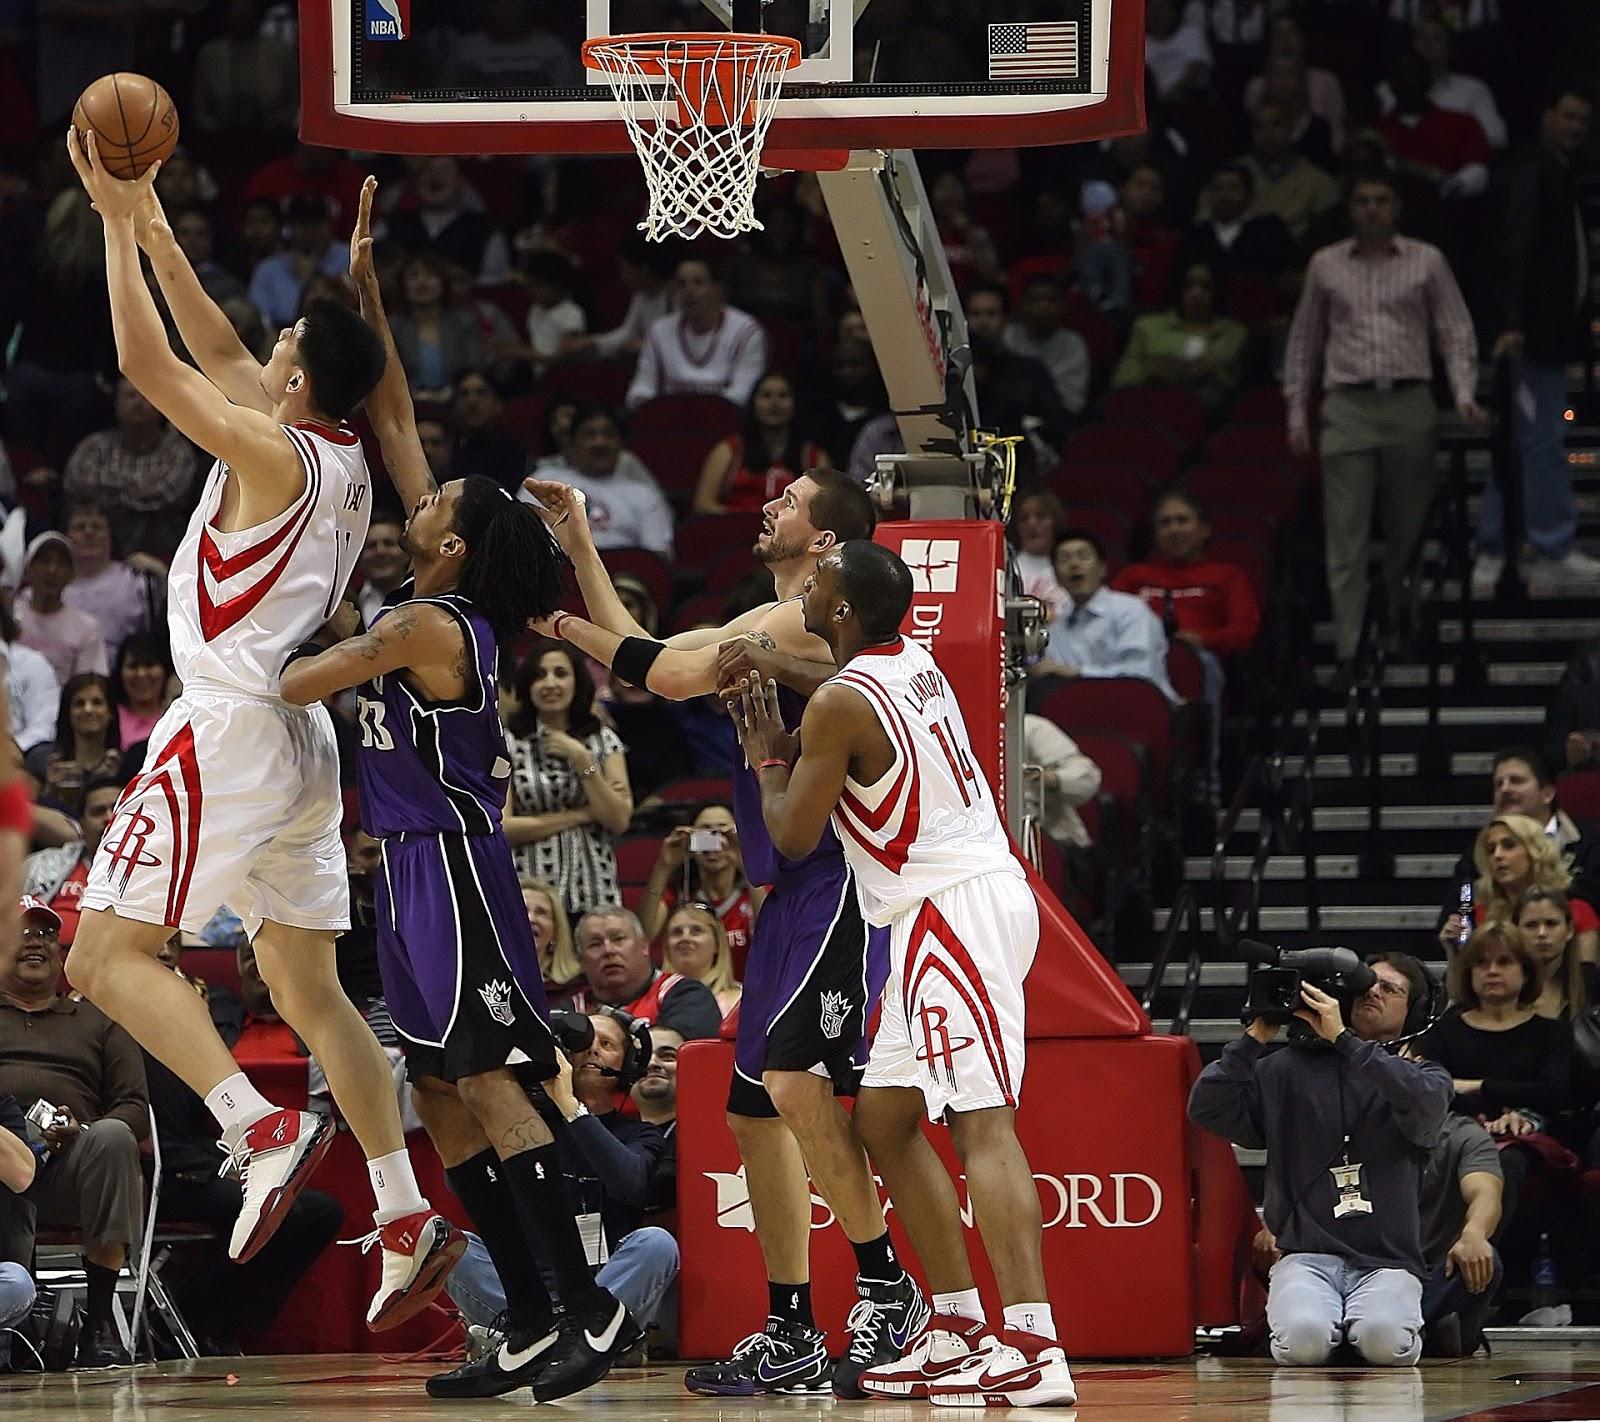 la posicion de poste es una de las mas duras en el basquetbol